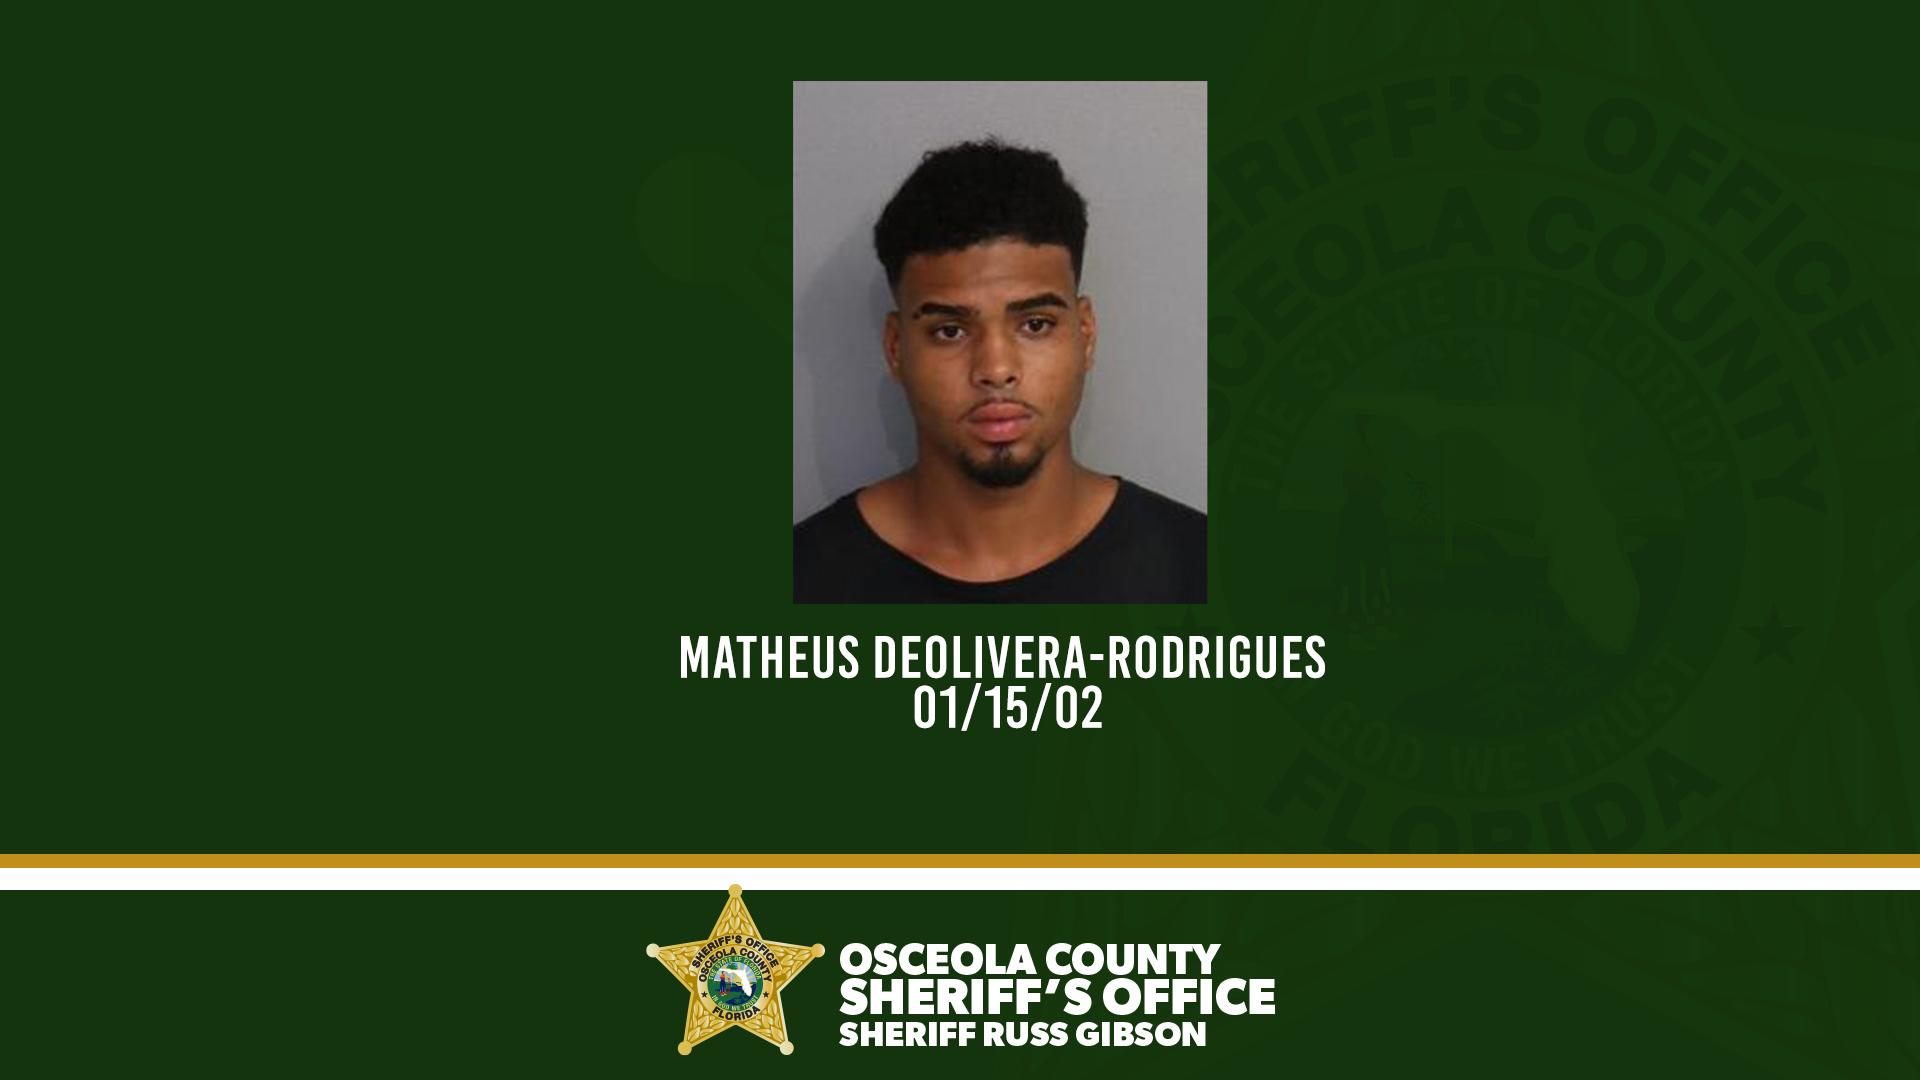 Matheus Deolivera-Rodrigues